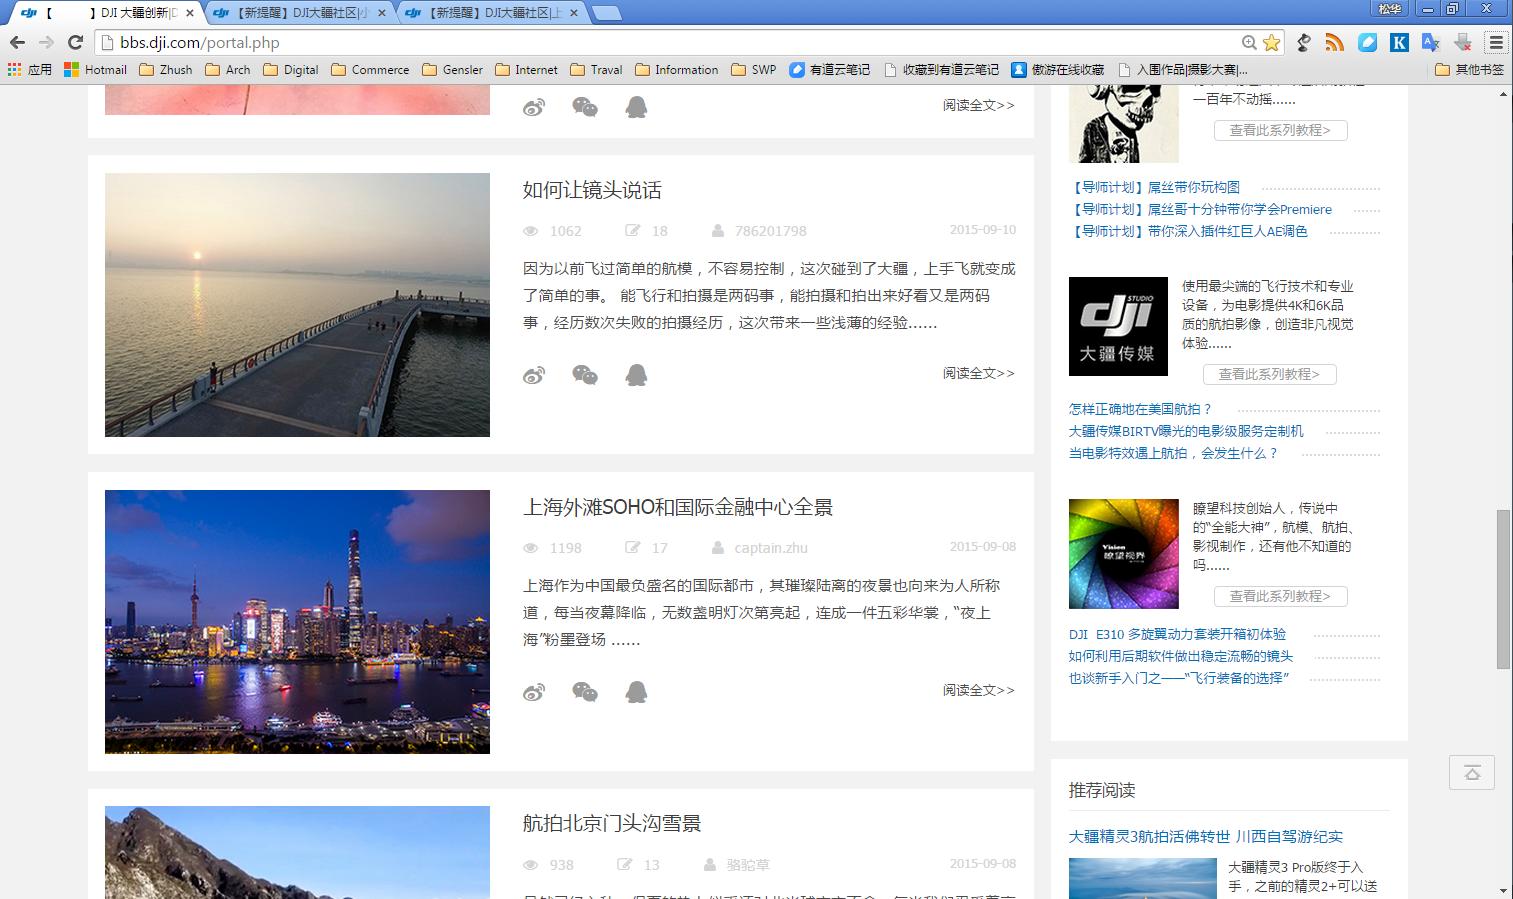 20150910 上海外滩SOHO和国际金融中心全景.png